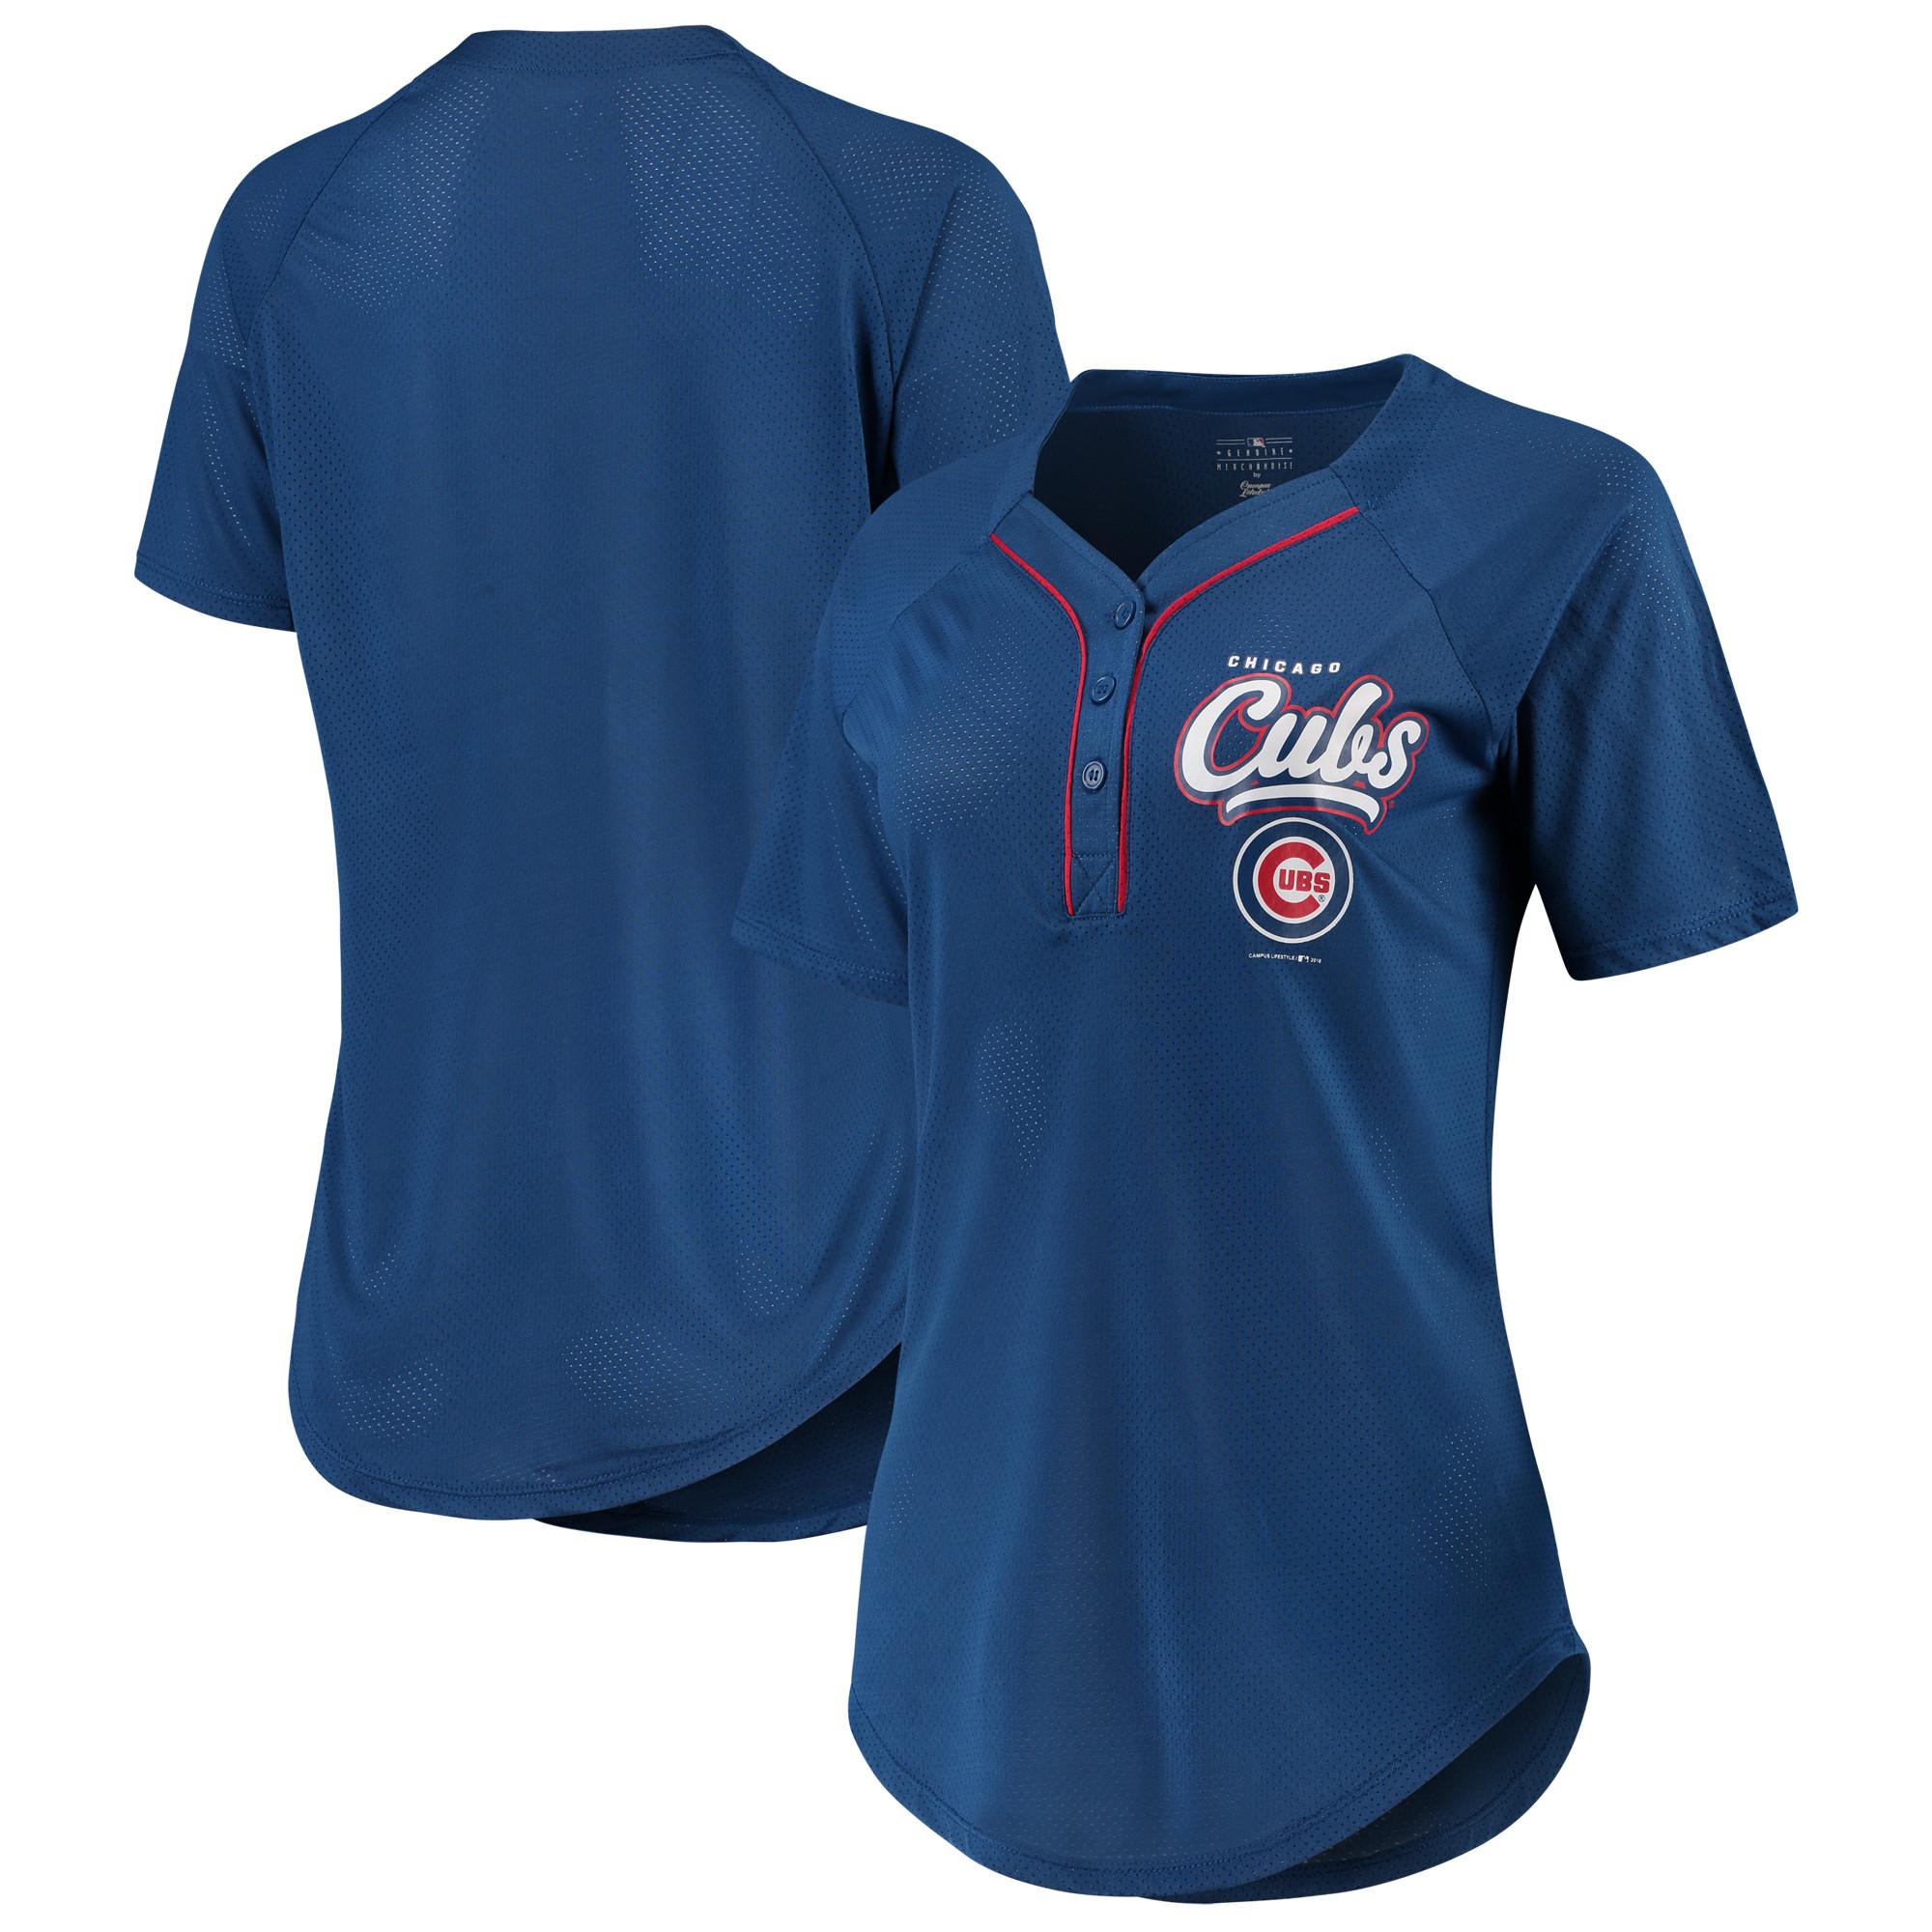 Women's New Era Royal Chicago Cubs Henley Mesh Jersey T-Shirt